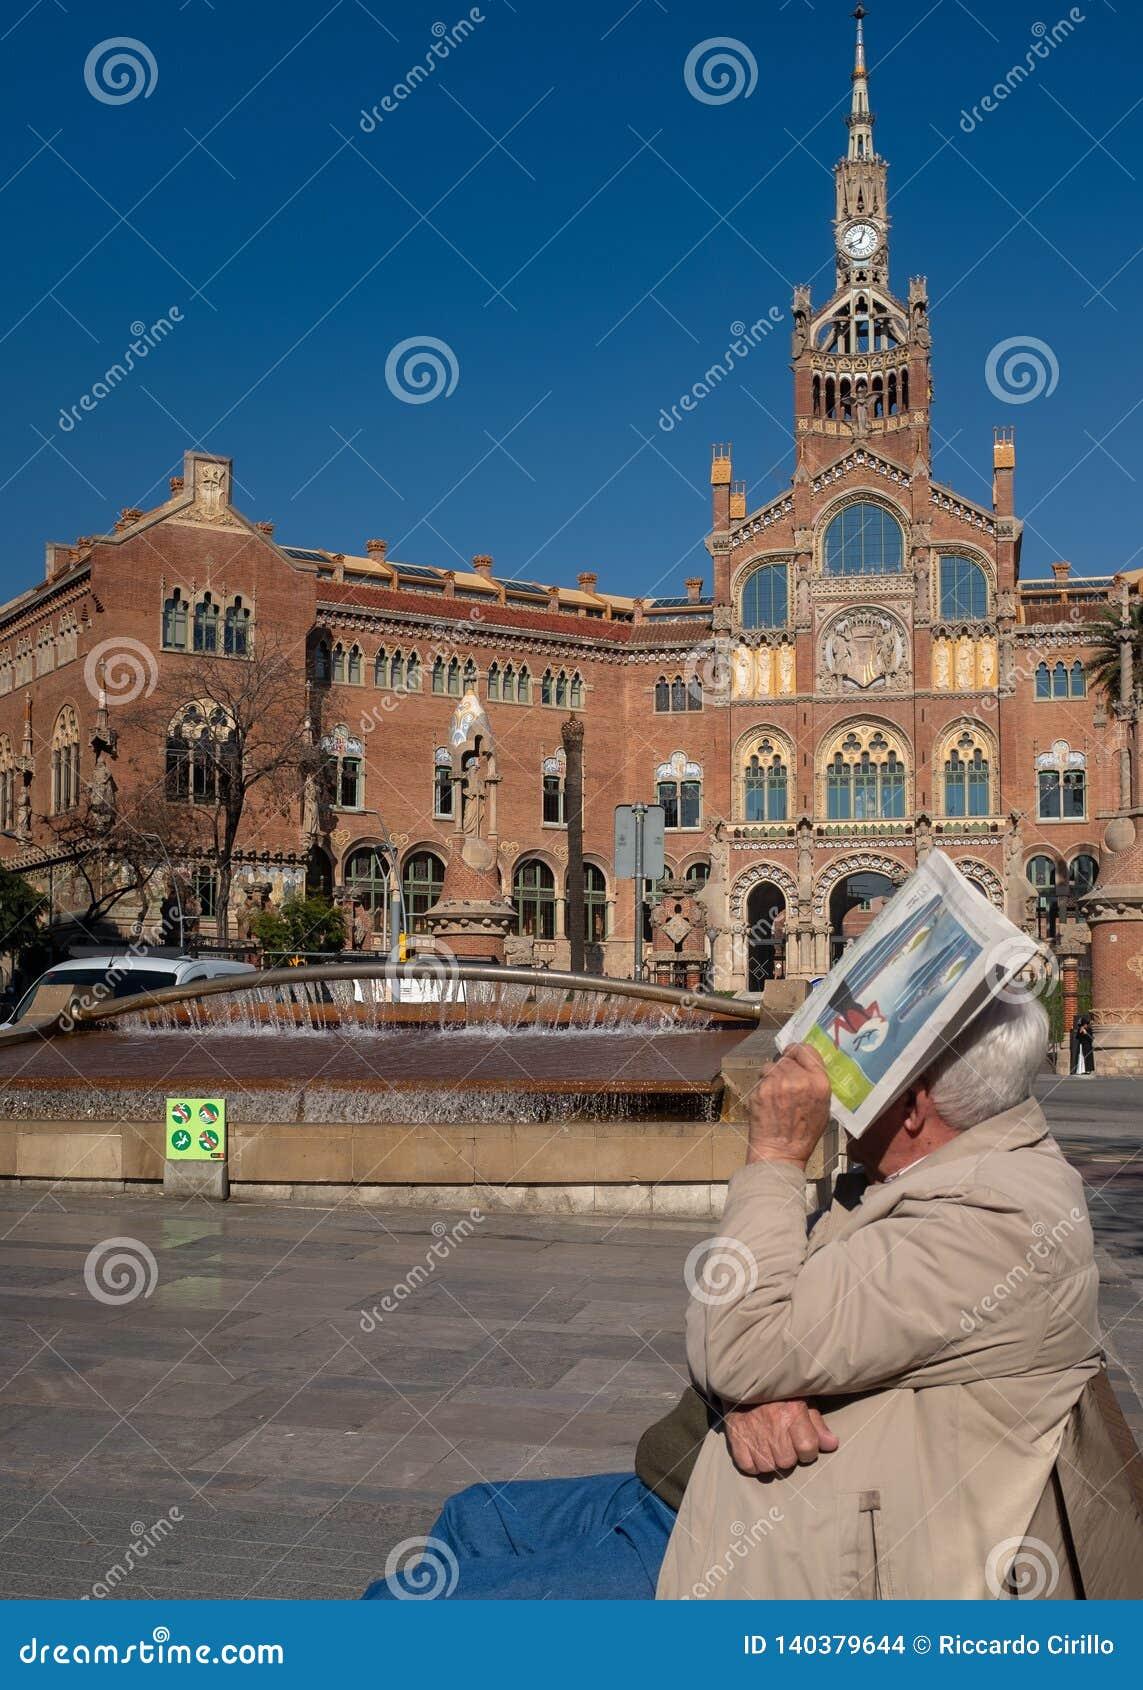 Viejo hombre que se sienta en banco cerca del edificio hermoso de Sant Pau Hospital en Barcelona, Cataluña, España